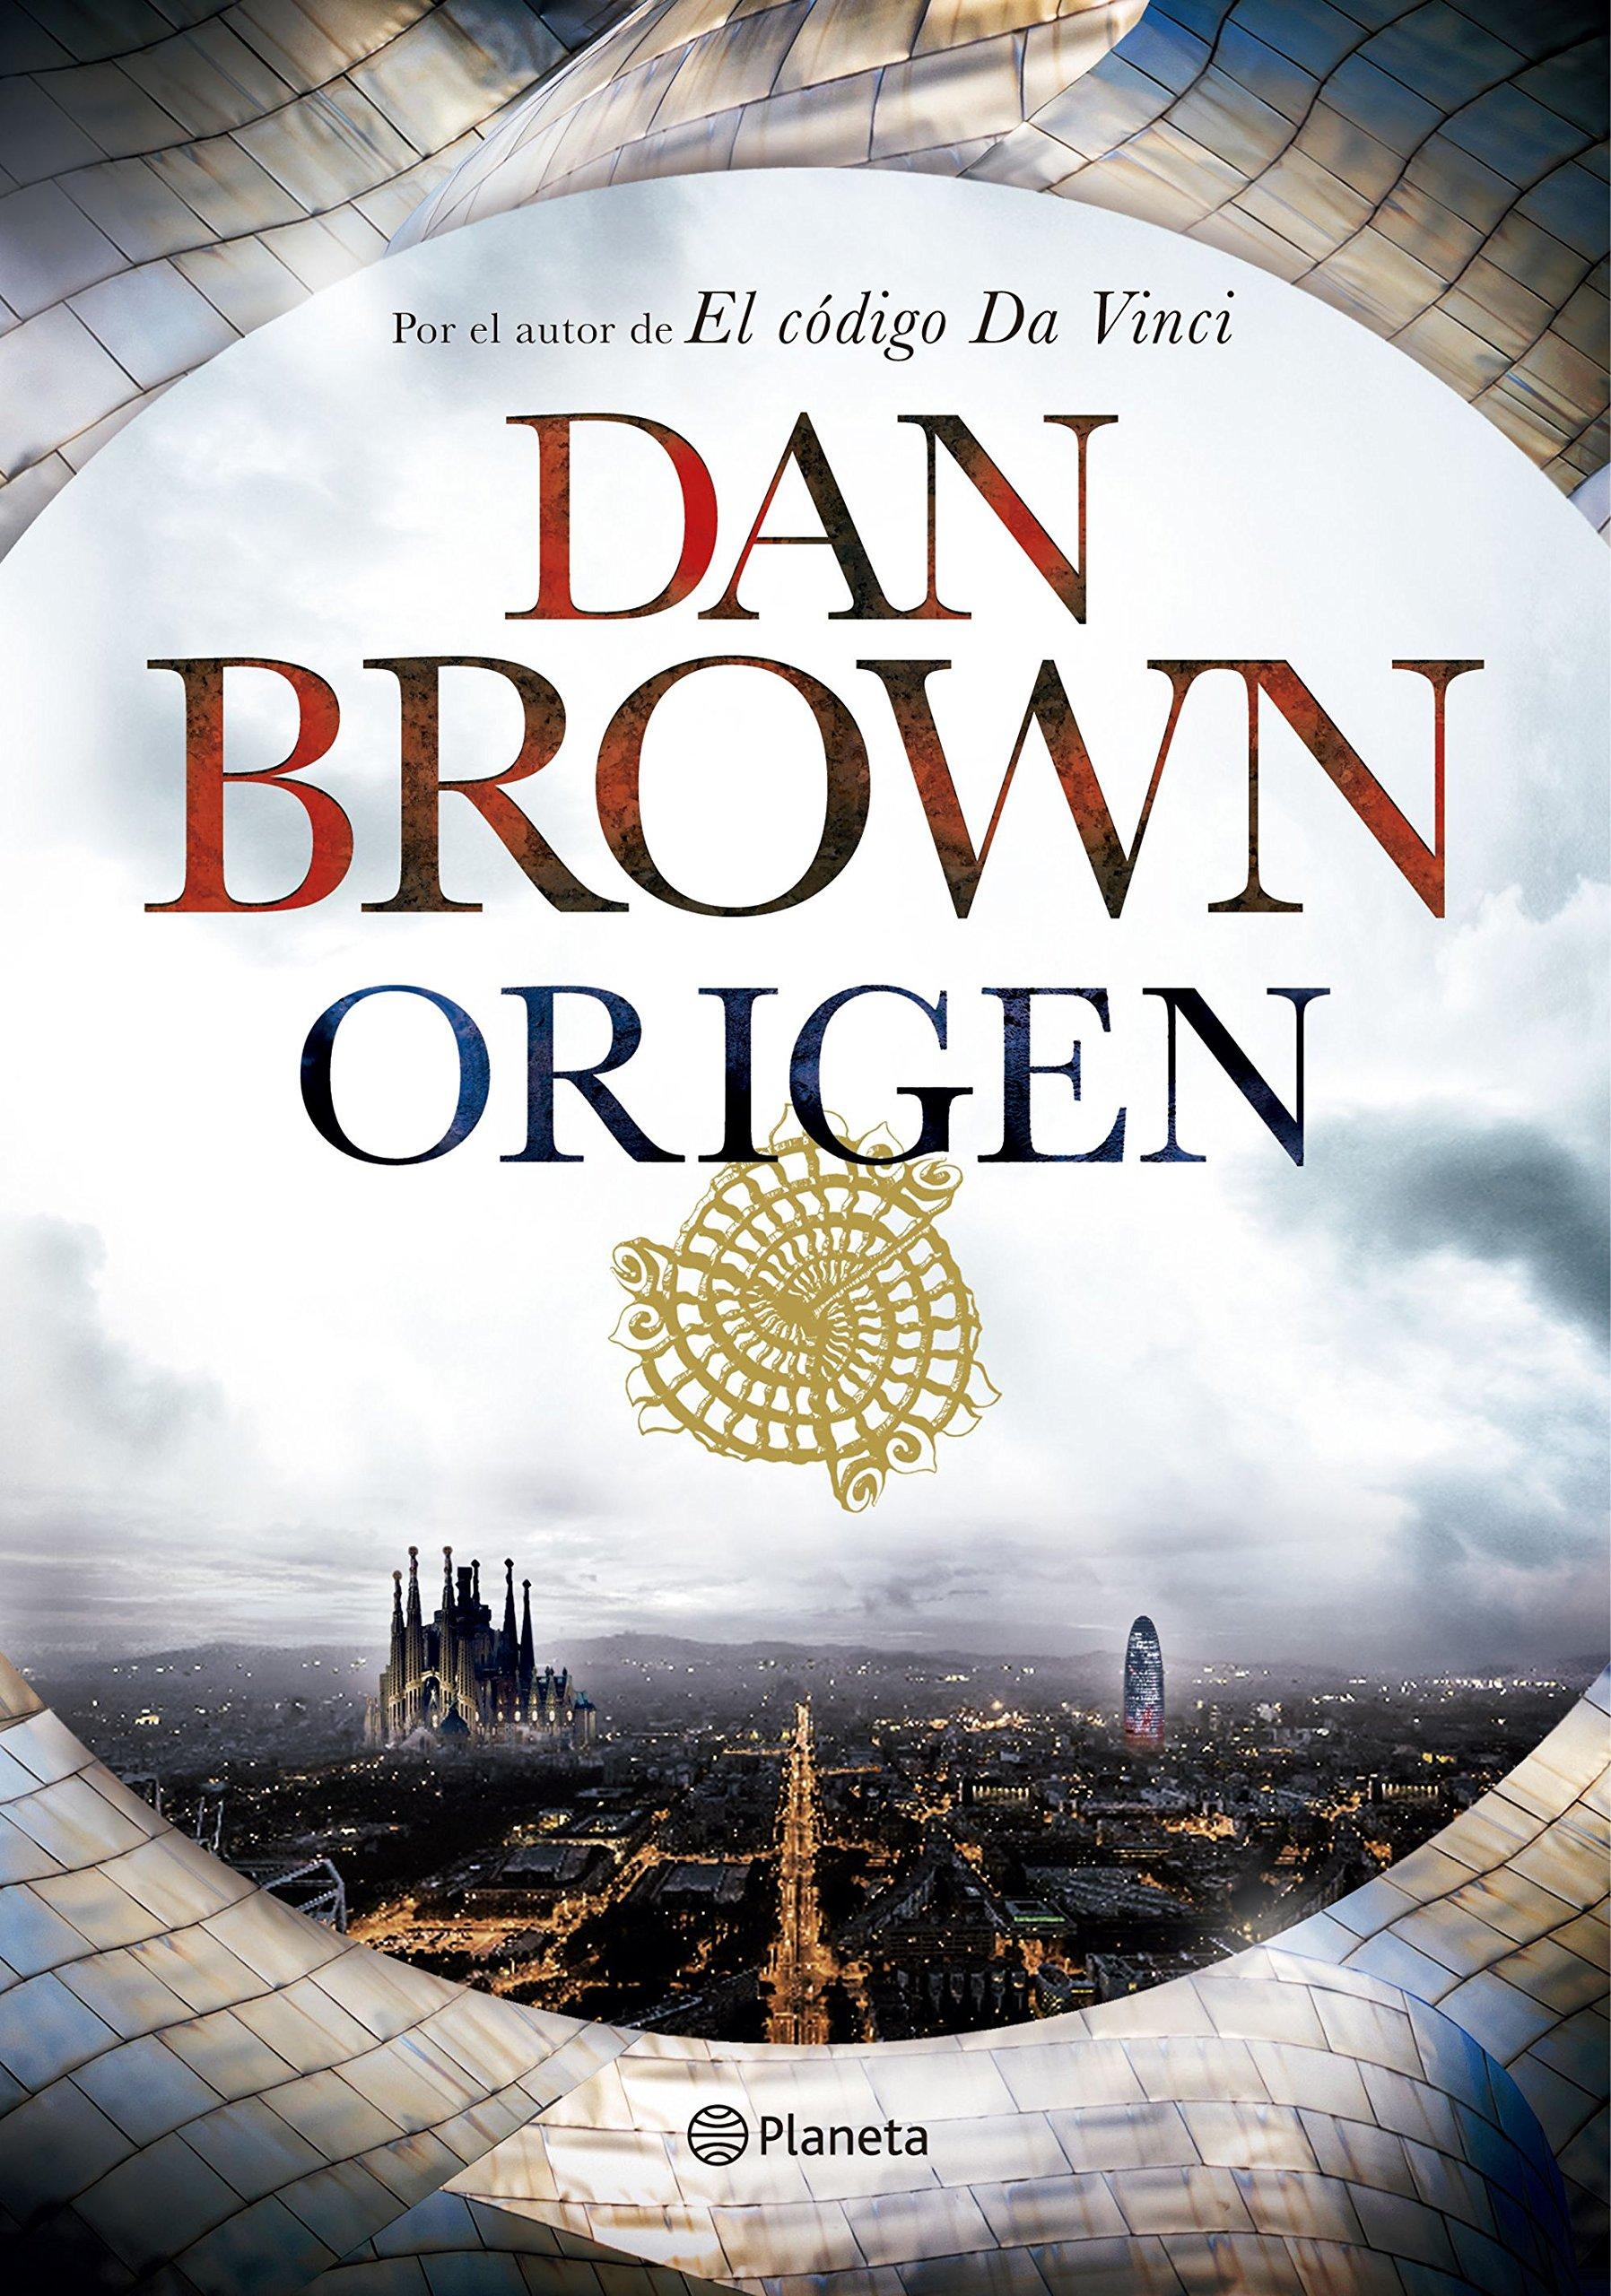 Portada libro - Origen